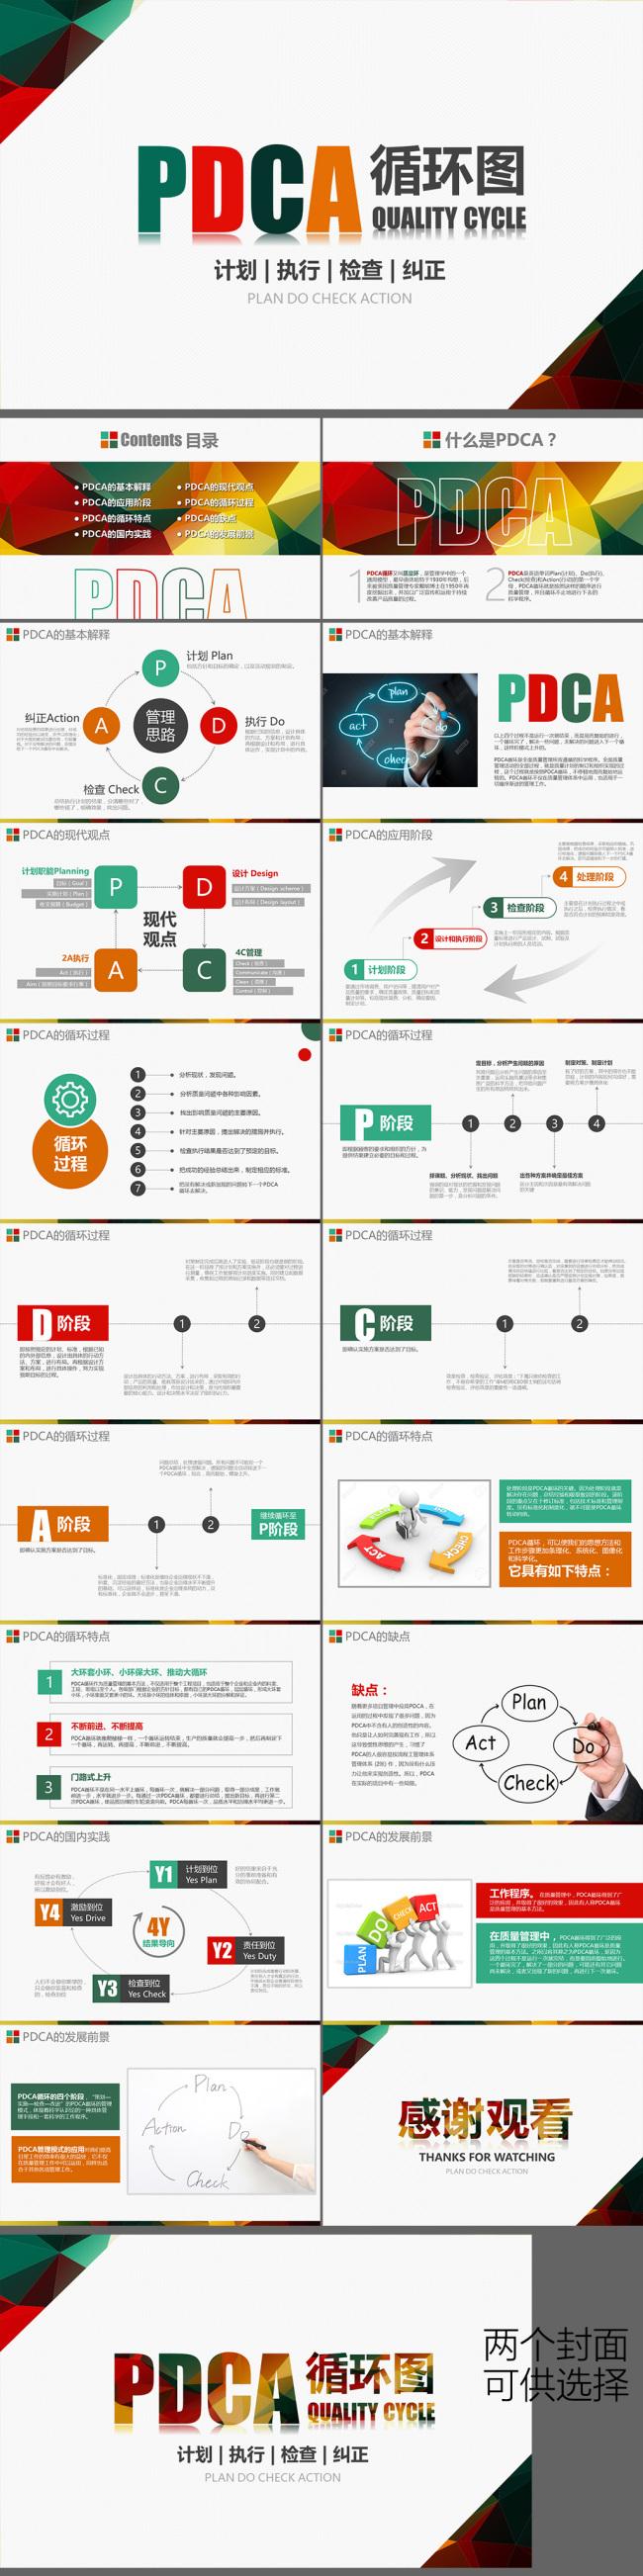 pdca循环图ppt模板企业质量管理案例